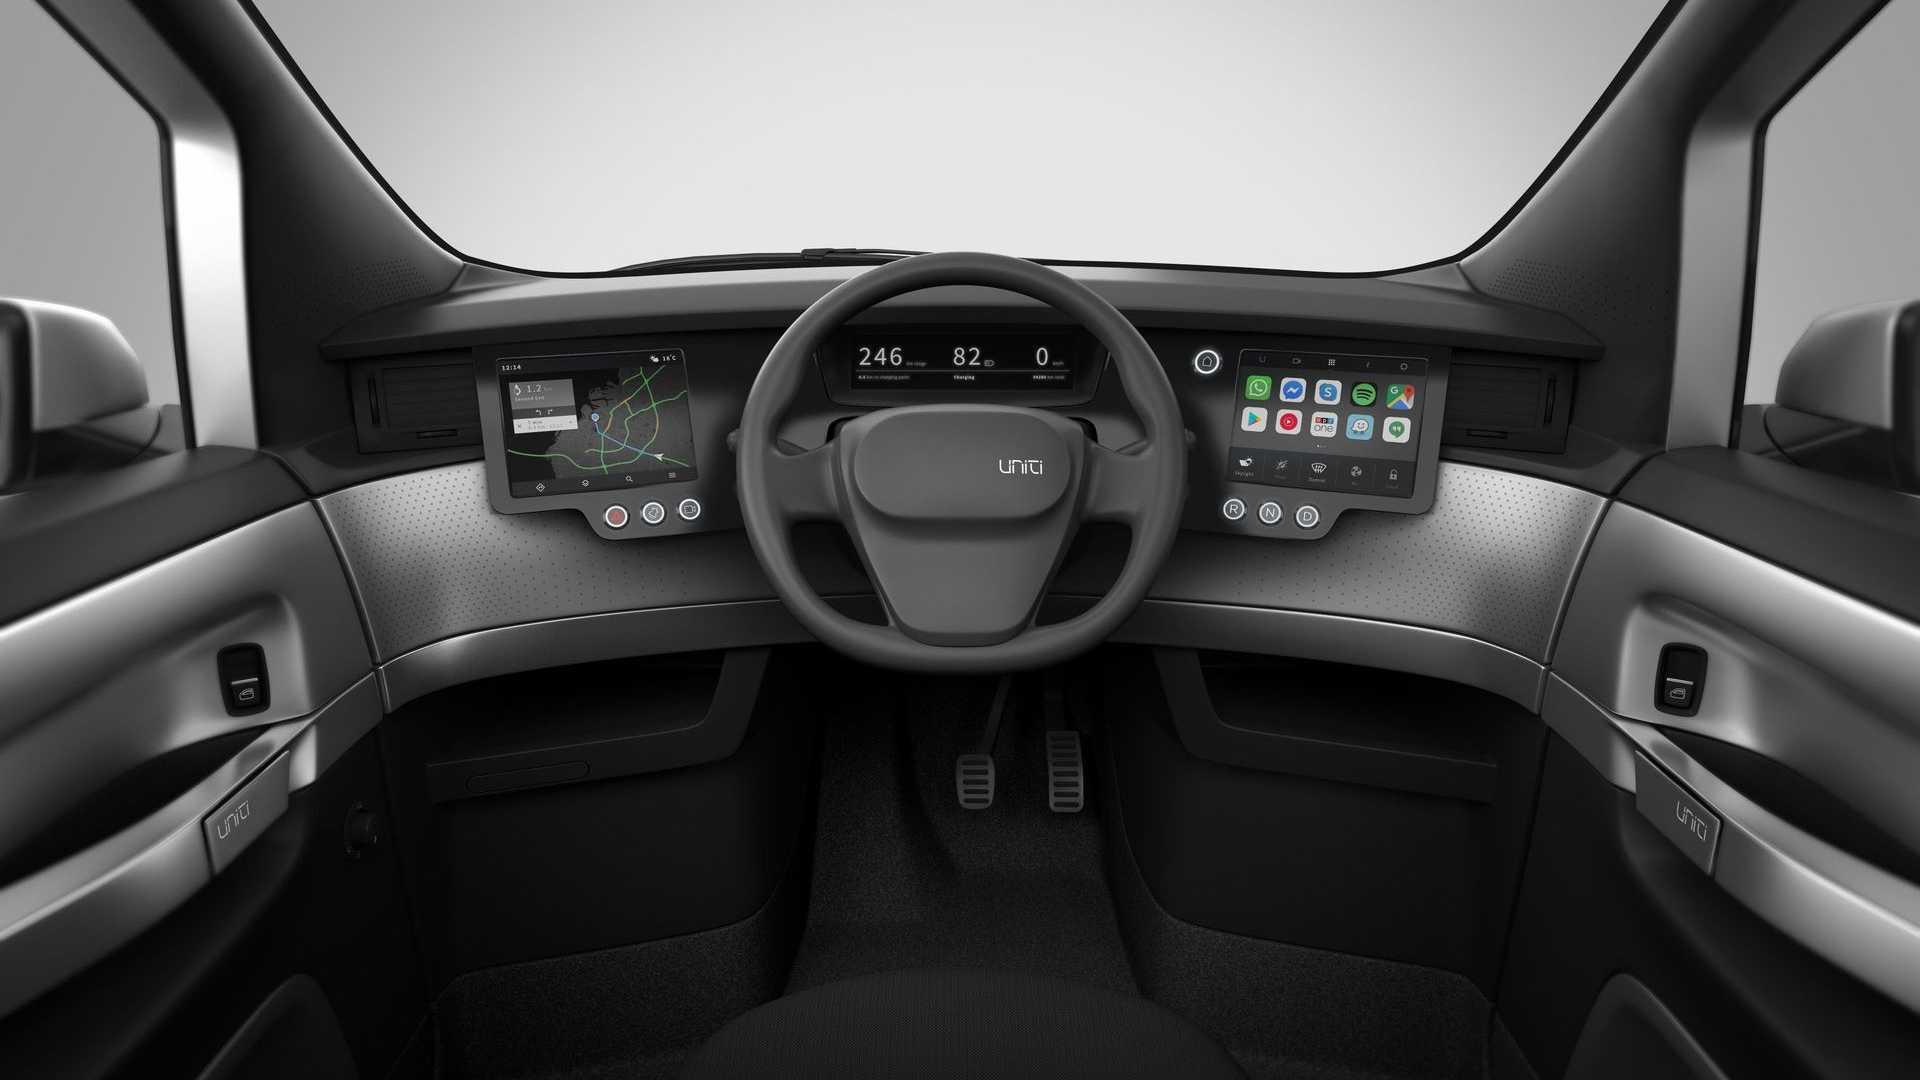 定位城市电动车/预售13万元起 Uniti One将于年内上市